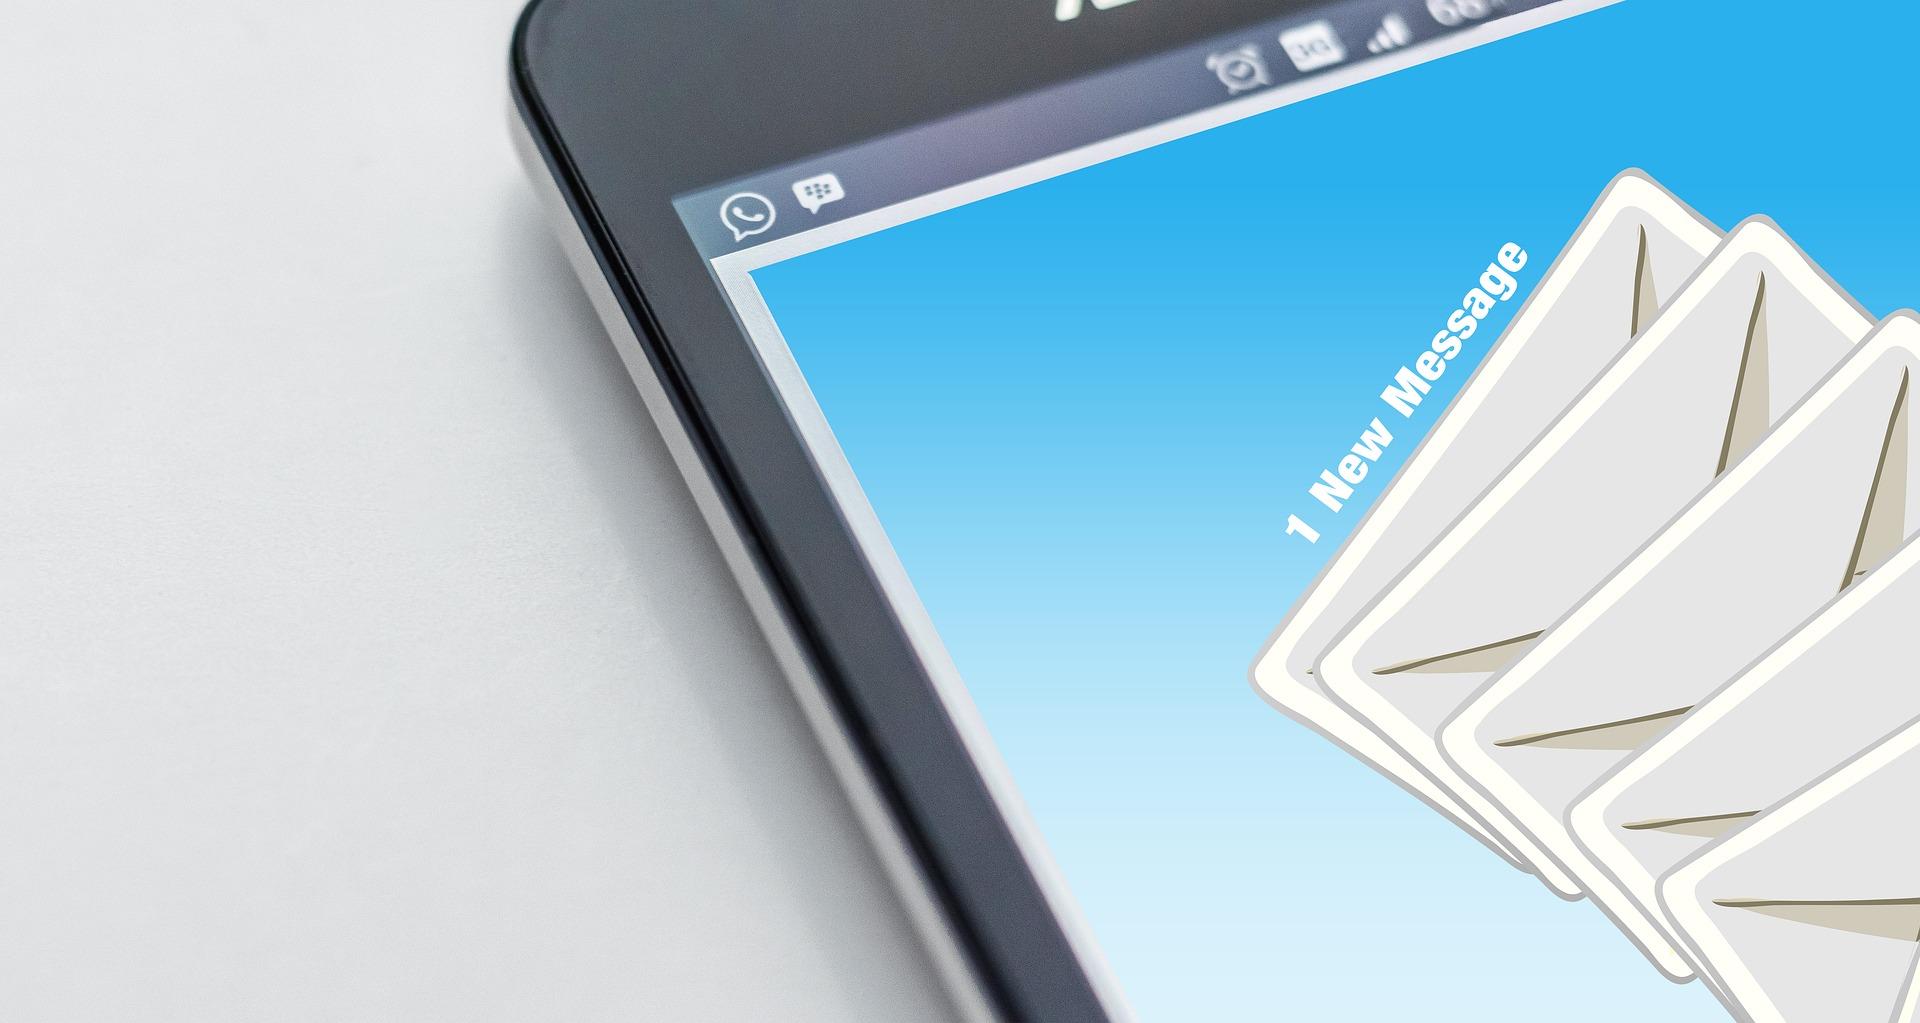 12_conseils_pour_rédiger_des_courriers_électroniques_professionnels_plus_efficaces